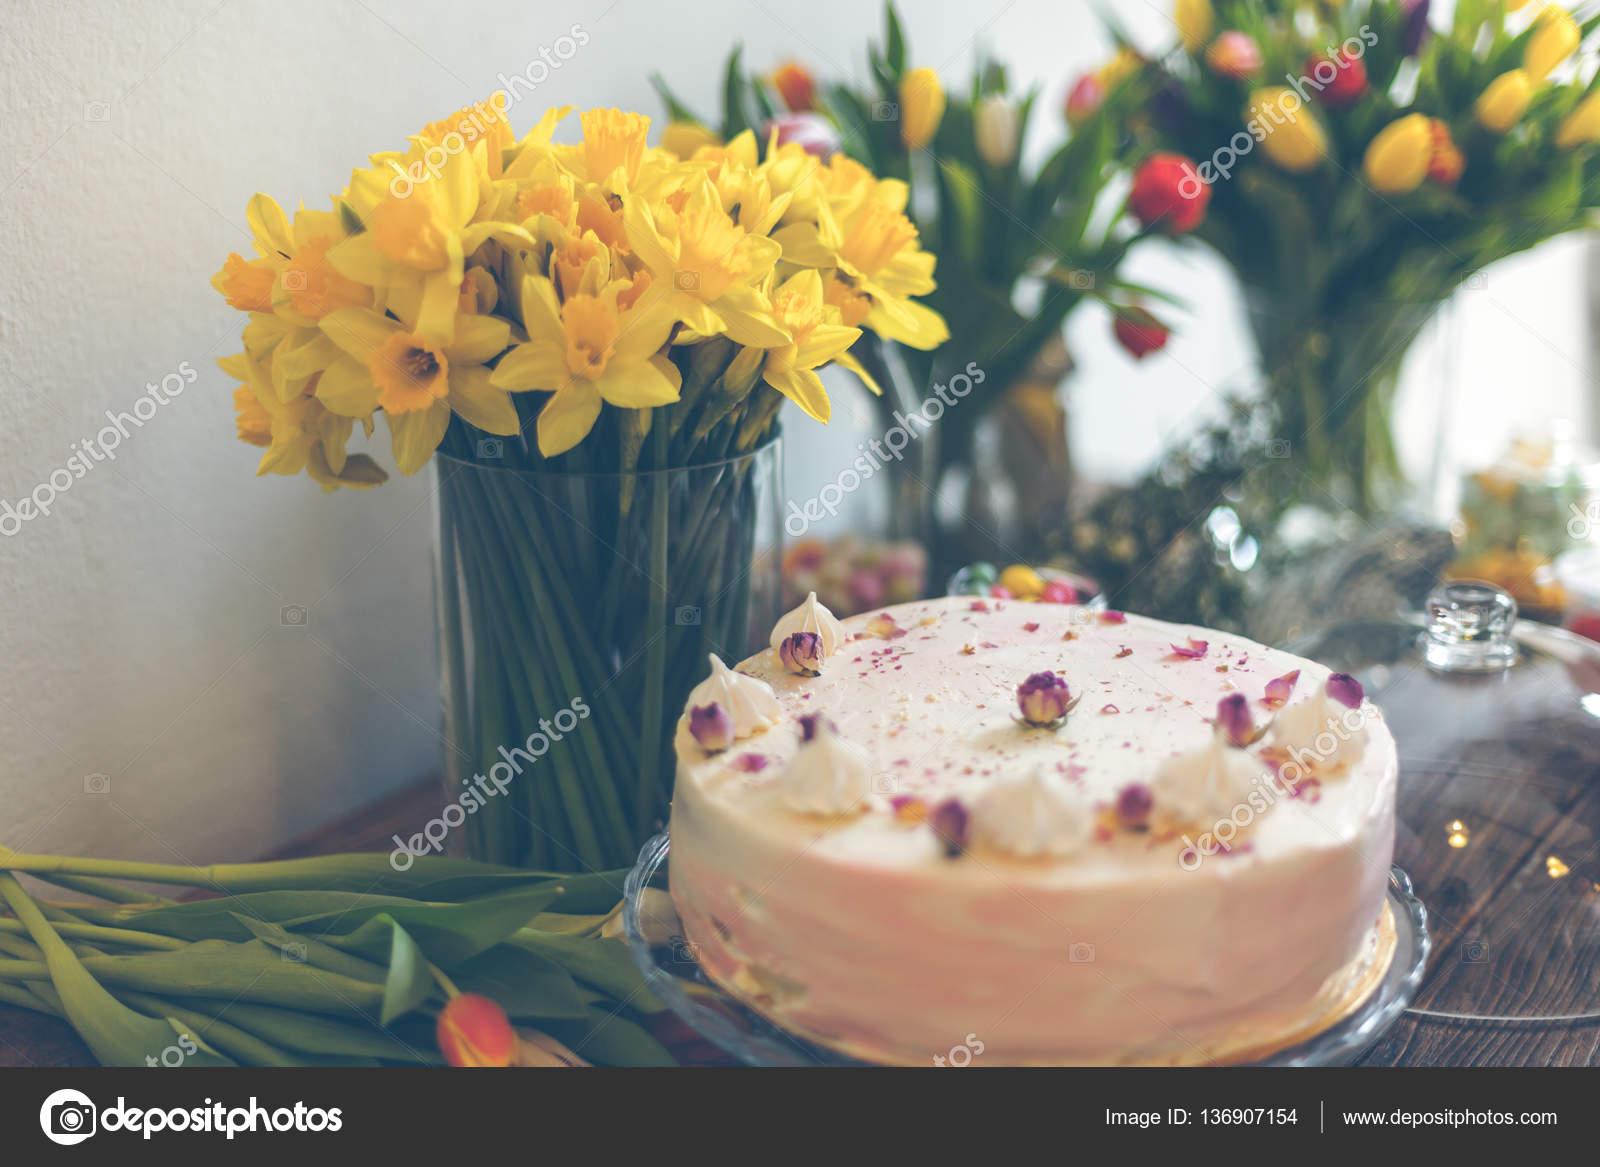 Schöne Kuchen Und Blumen U2014 Stockfoto